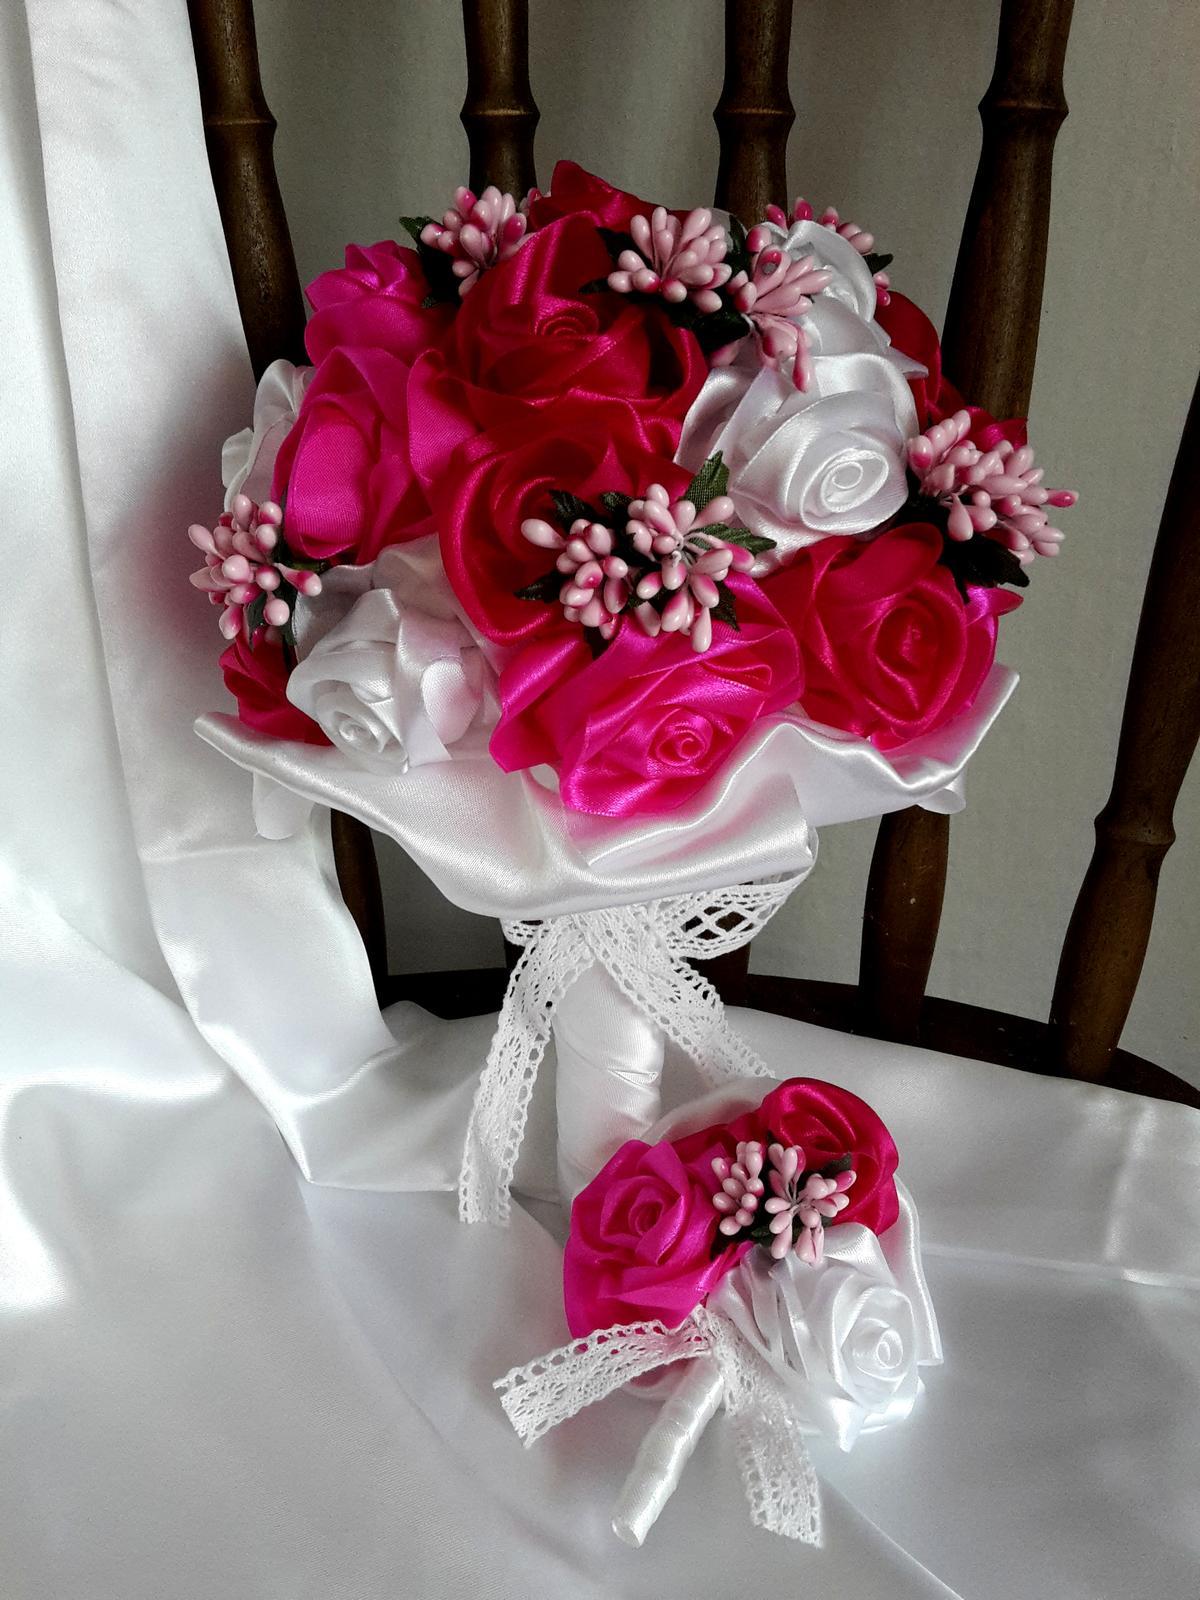 Saténové ruže-bielo cyklámenové,pošta v cene - Obrázok č. 3